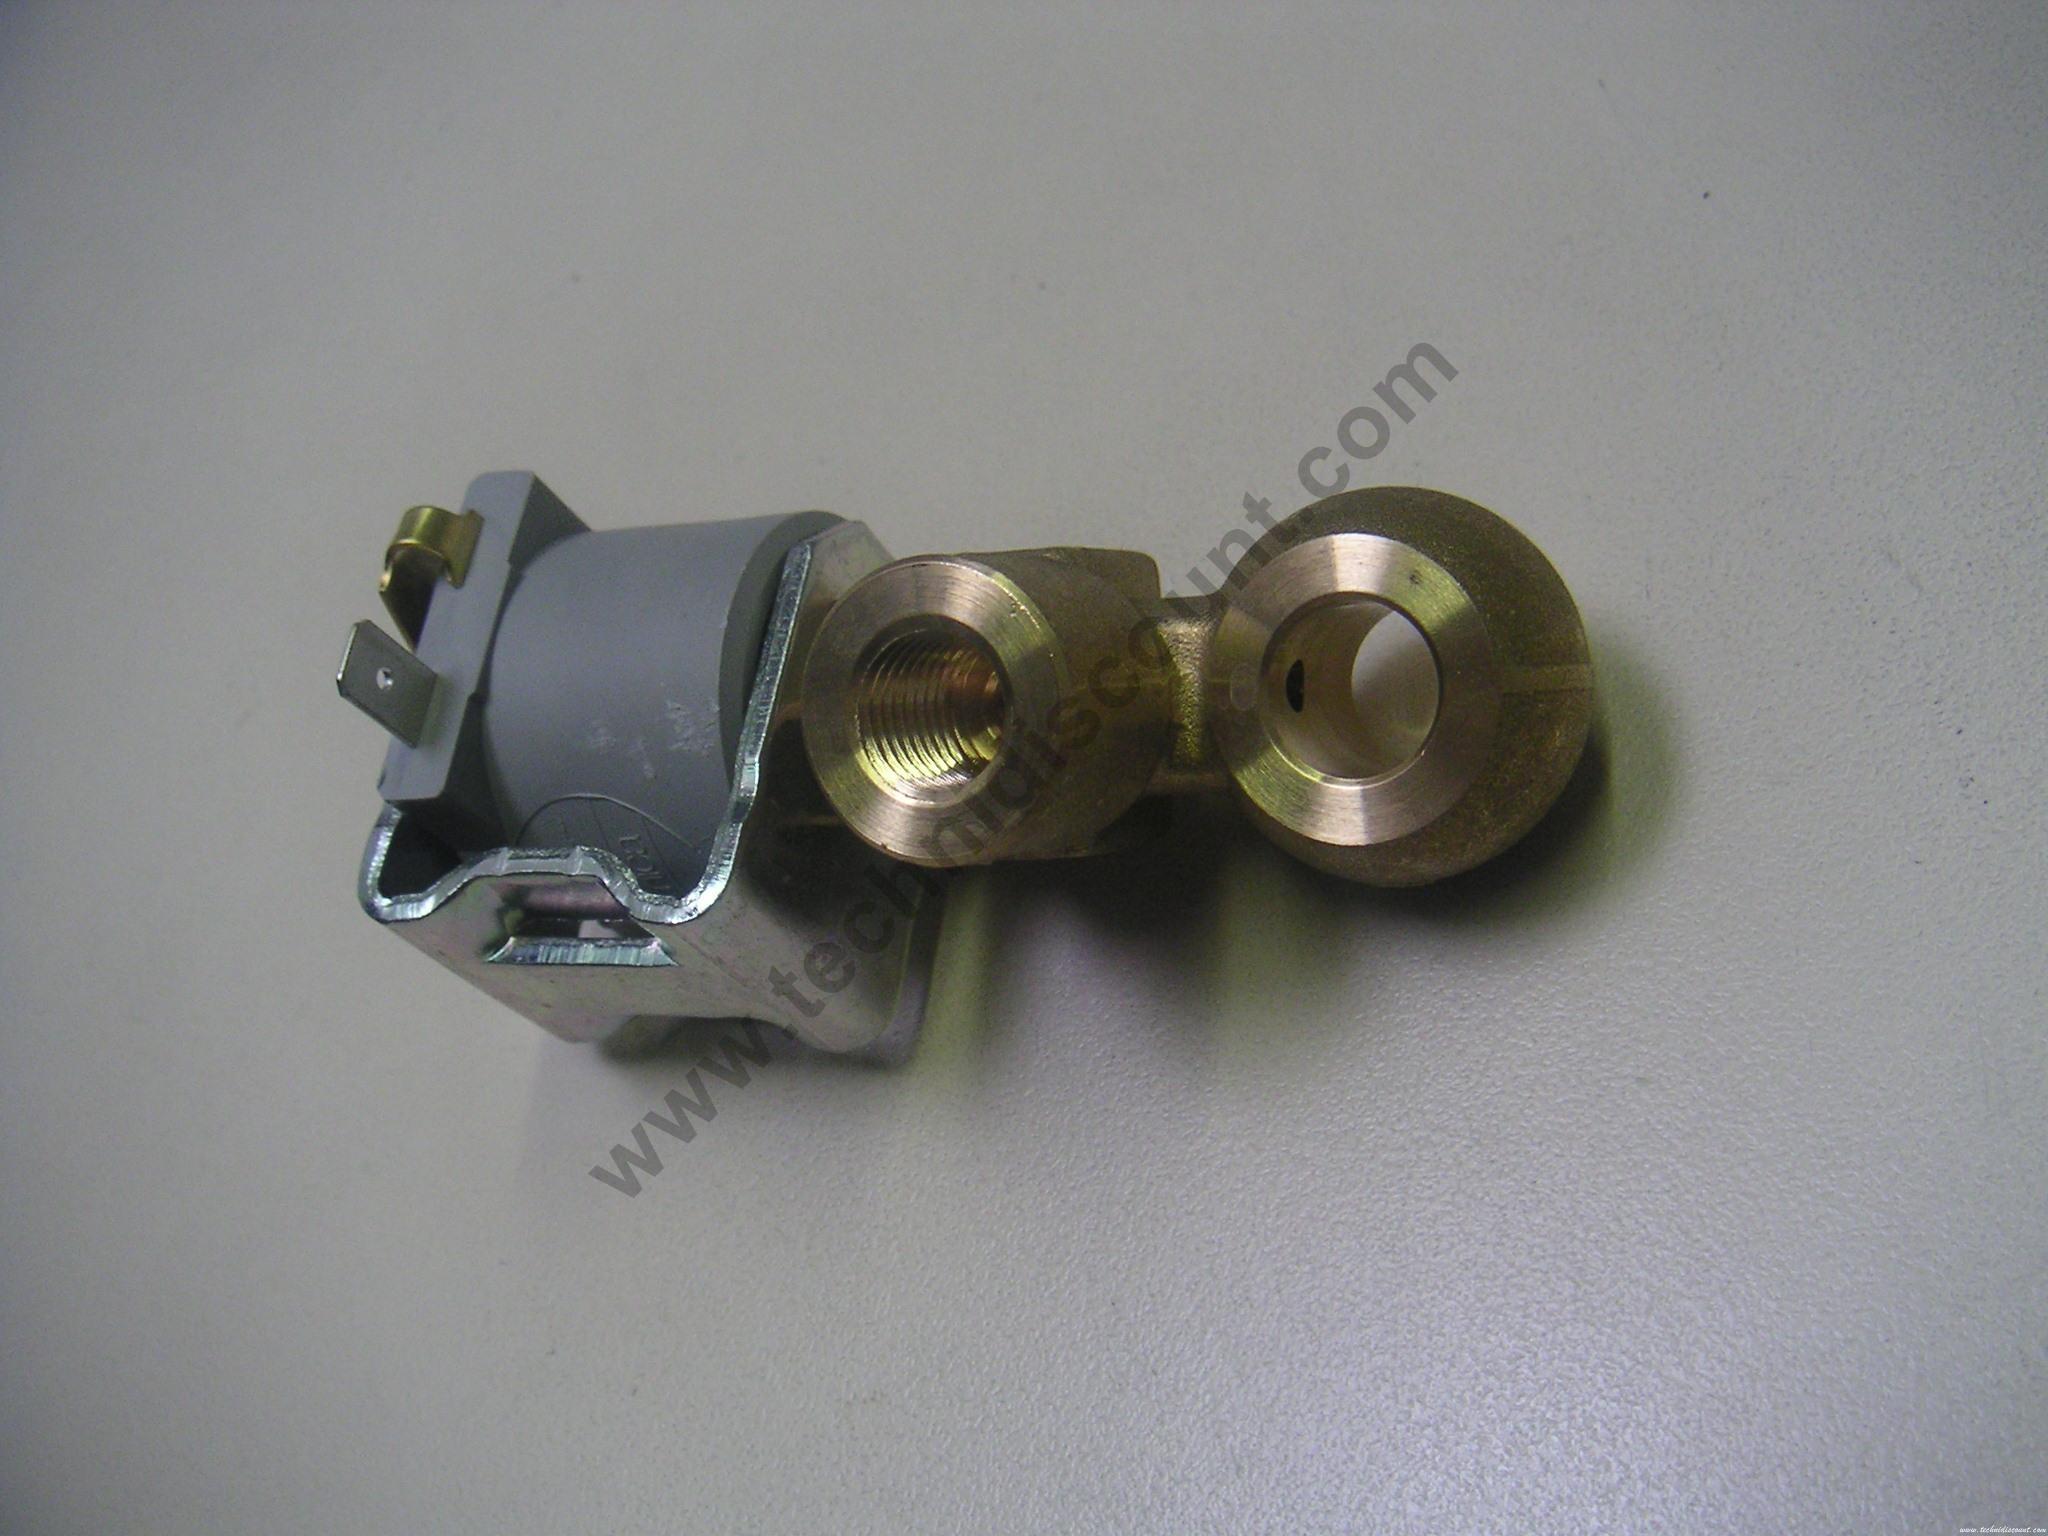 Électrovanne LOMBARDINI 5LD 6LD 9LD 11LD 12LD - ED0035871030-S